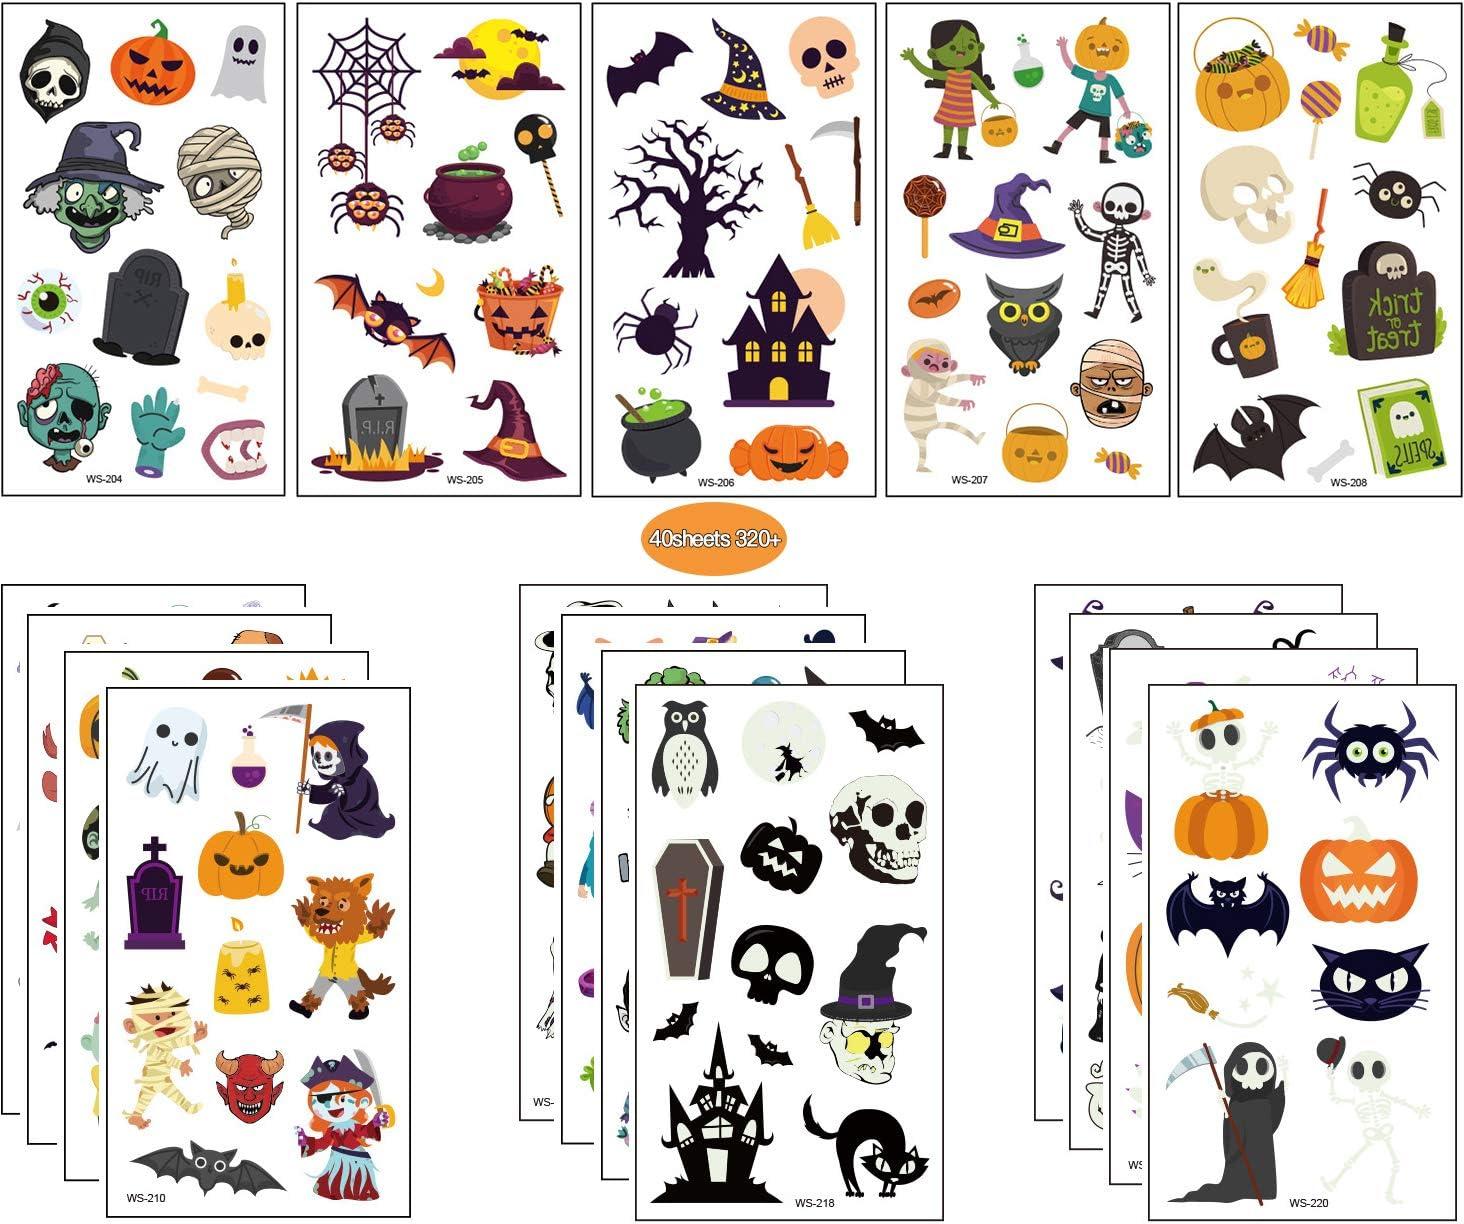 Tatuajes Temporales de Halloween, 40 Piezas Surtidos Tatuajes Temporales de Halloween para Niños, Niños y Niñas con Patrón de Calabaza, Calavera, Fantas,Tatuajes de Vampiros Murciélago